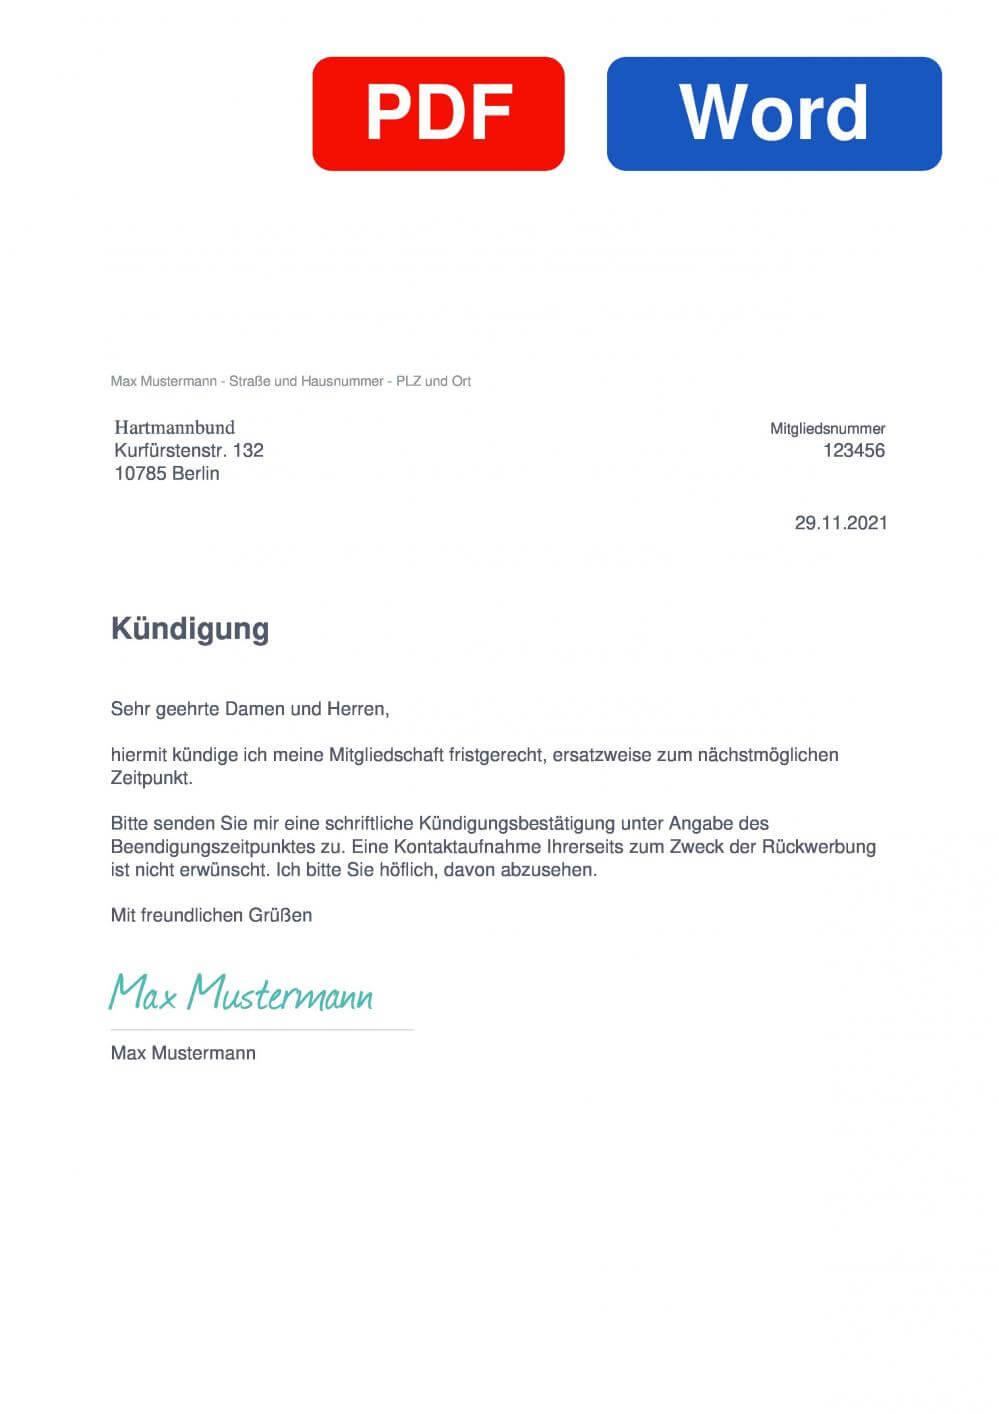 Hartmannbund Muster Vorlage für Kündigungsschreiben